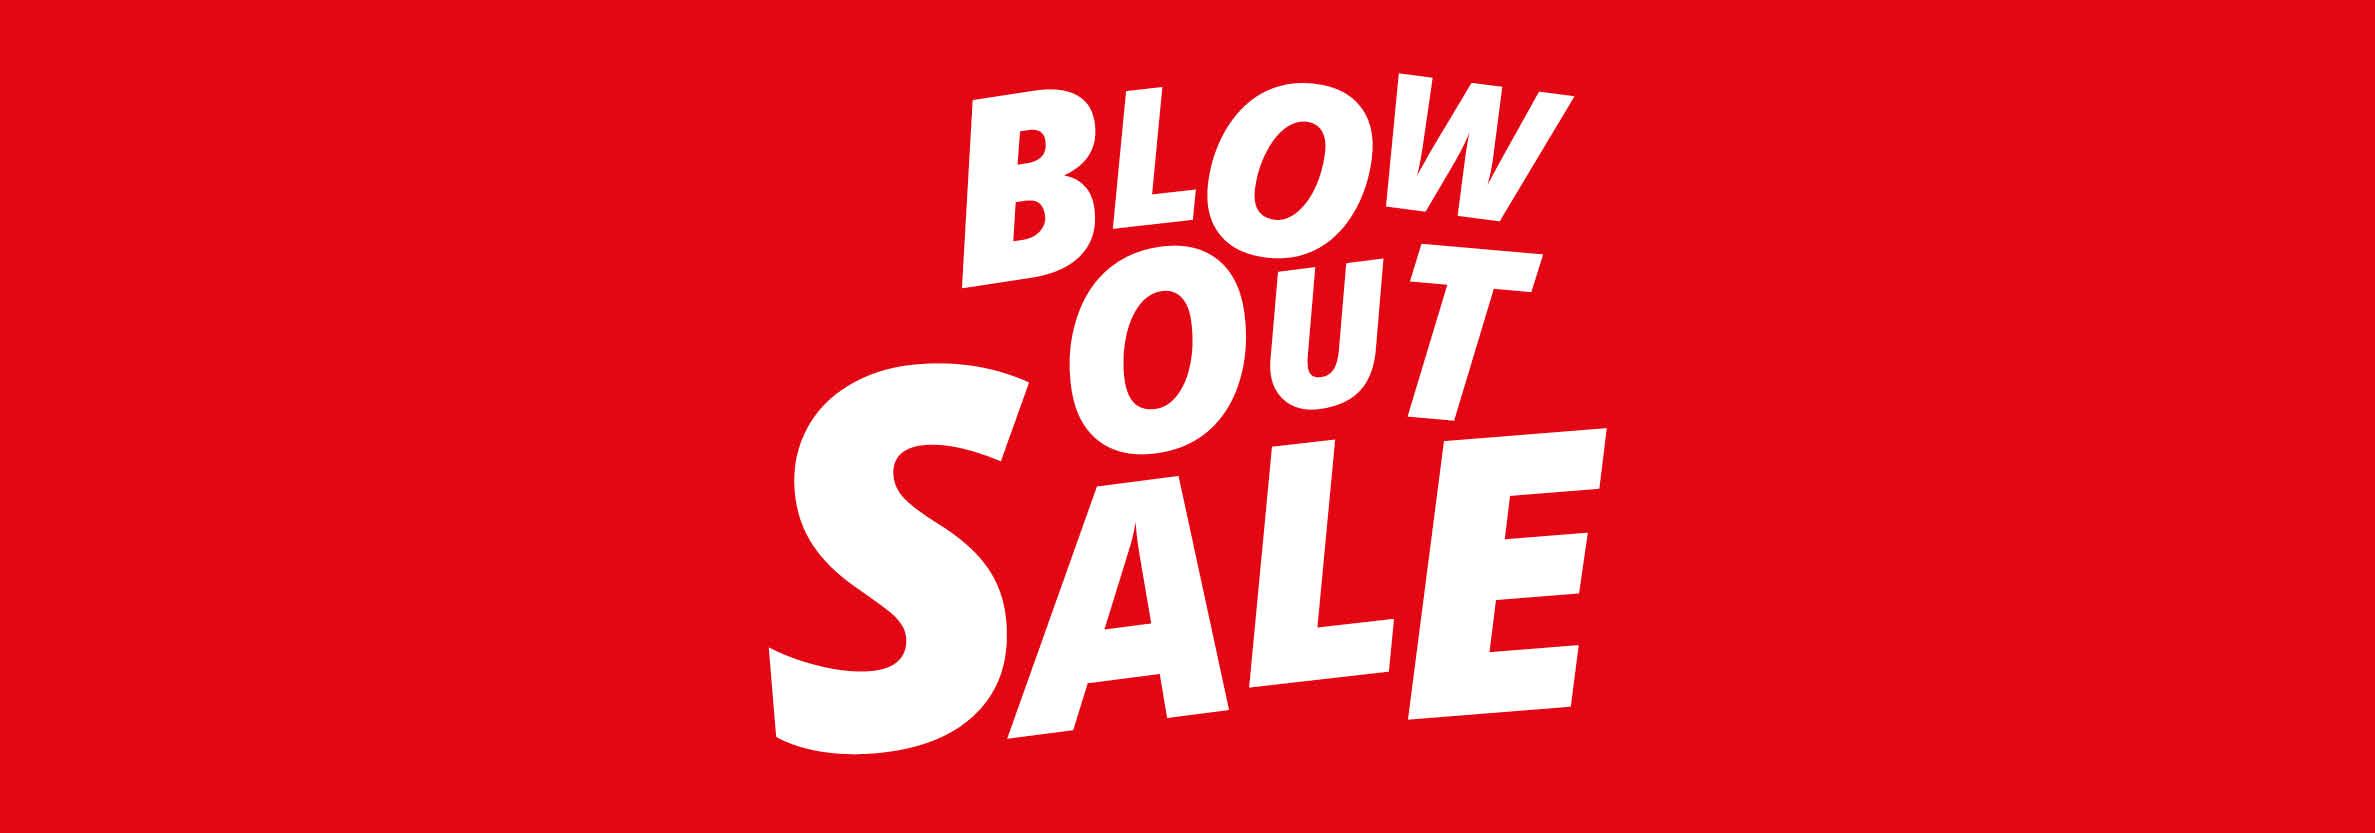 Mantel blow out sale